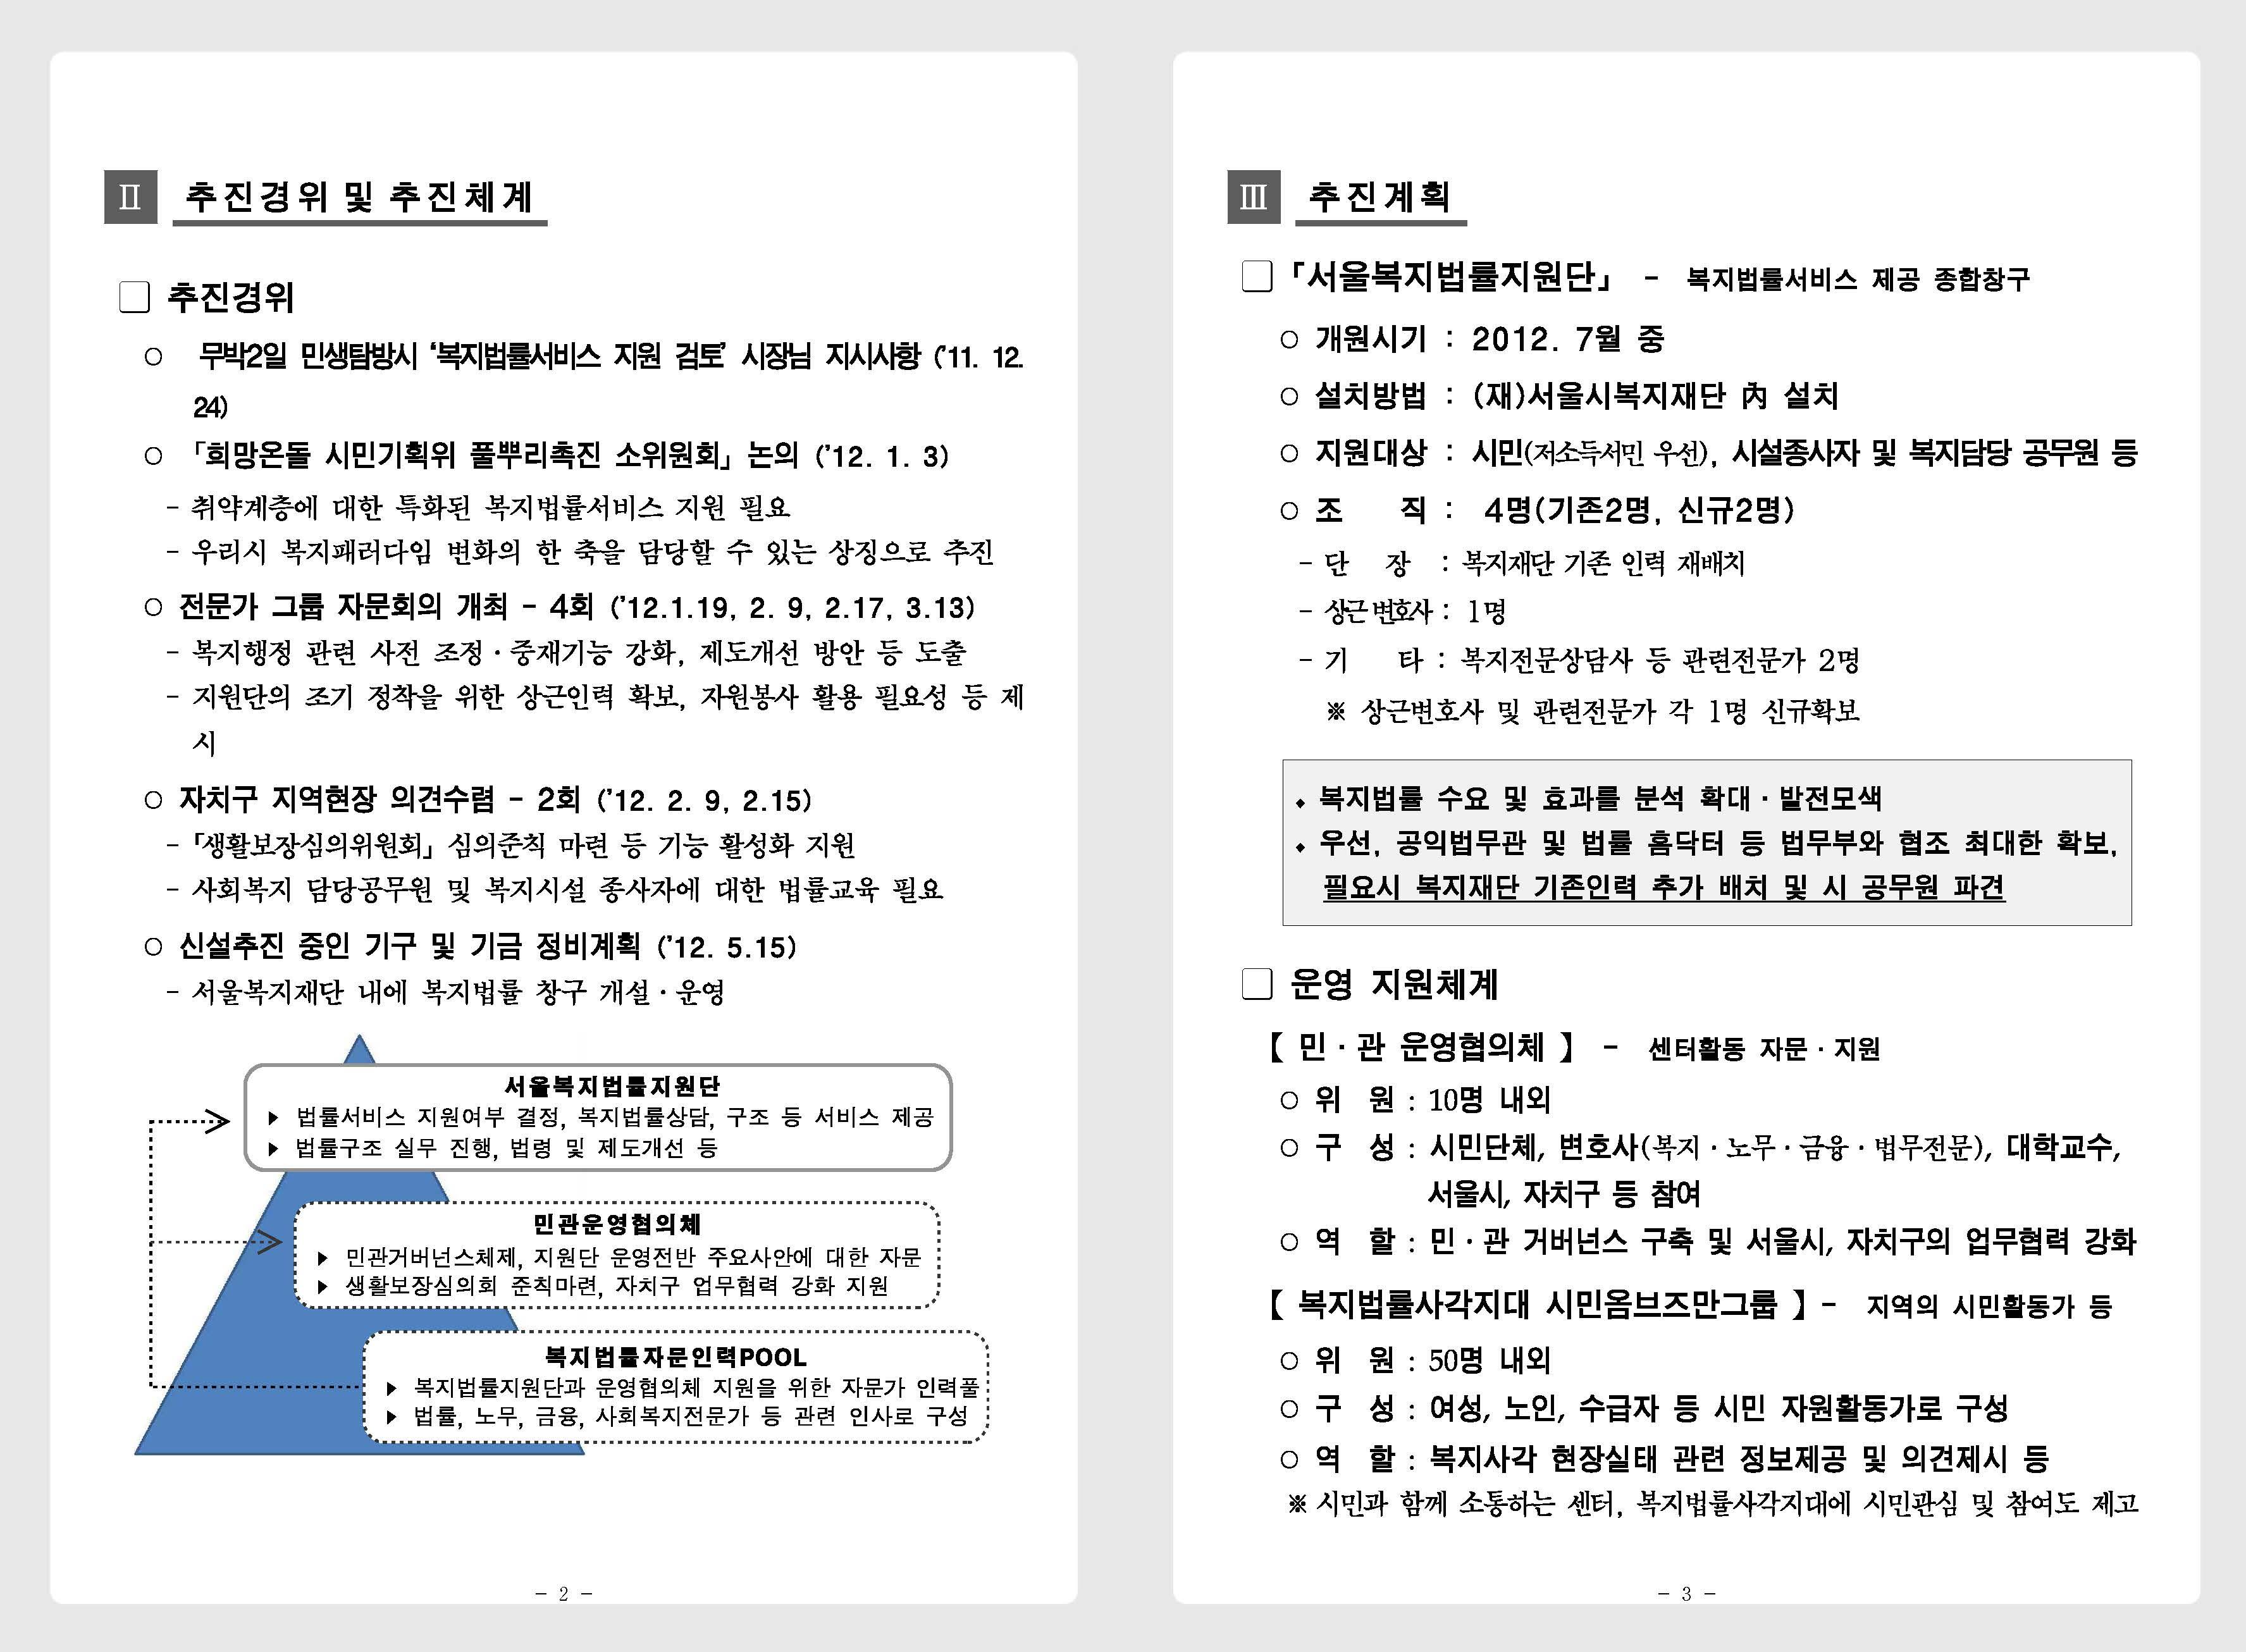 서울복지법률지원단 설치운영계획서_페이지_2.jpg